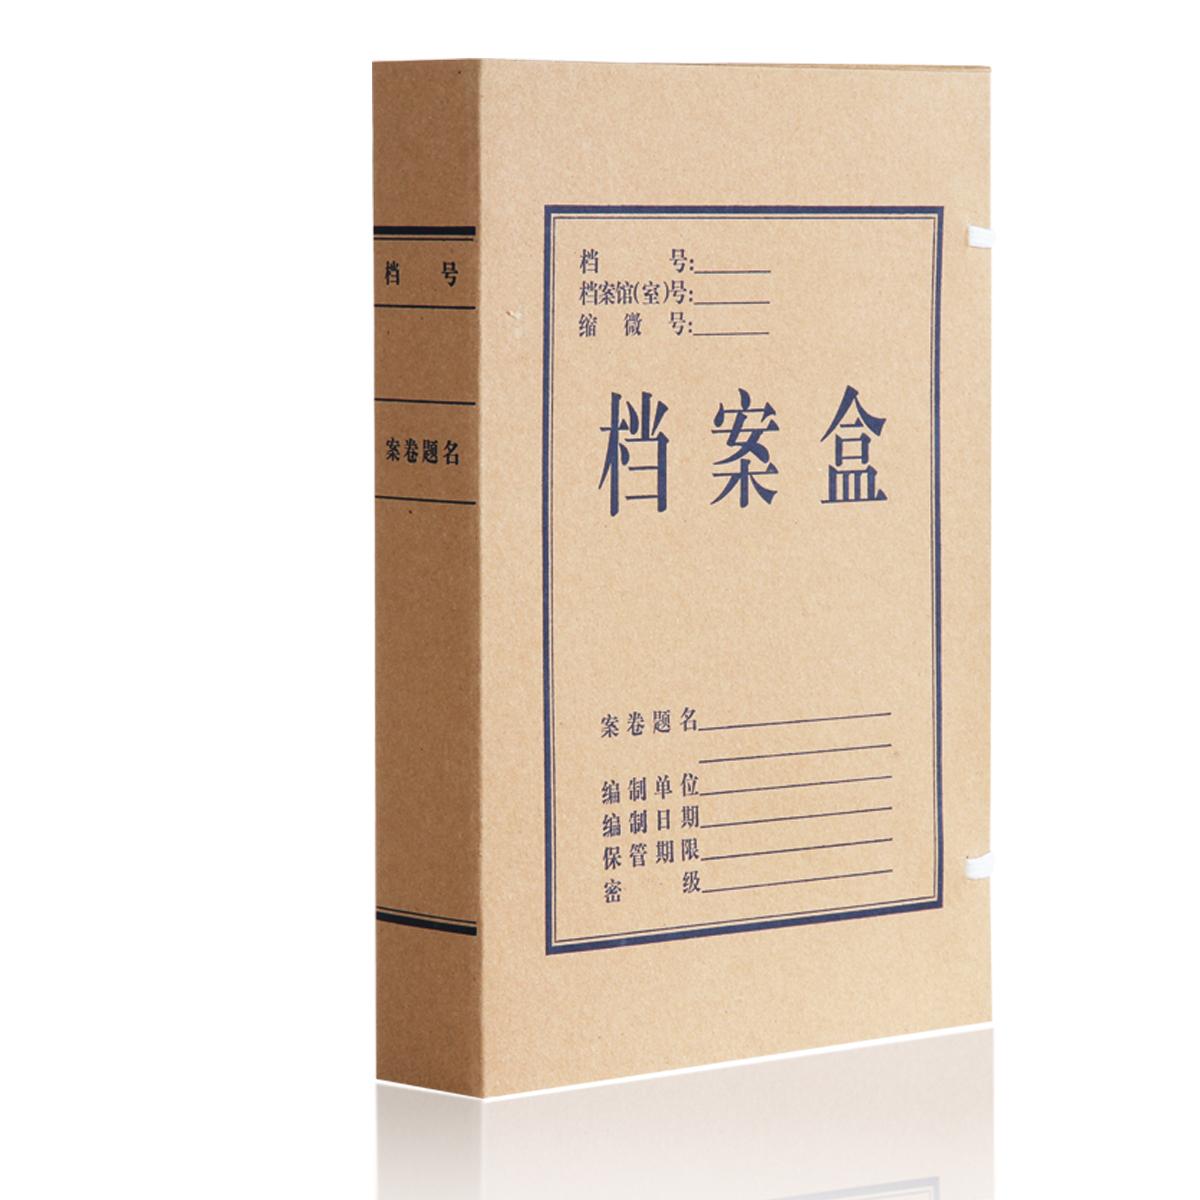 得力 5922 牛皮纸档案盒 310*220*50mm 10只/包 (包) 黄